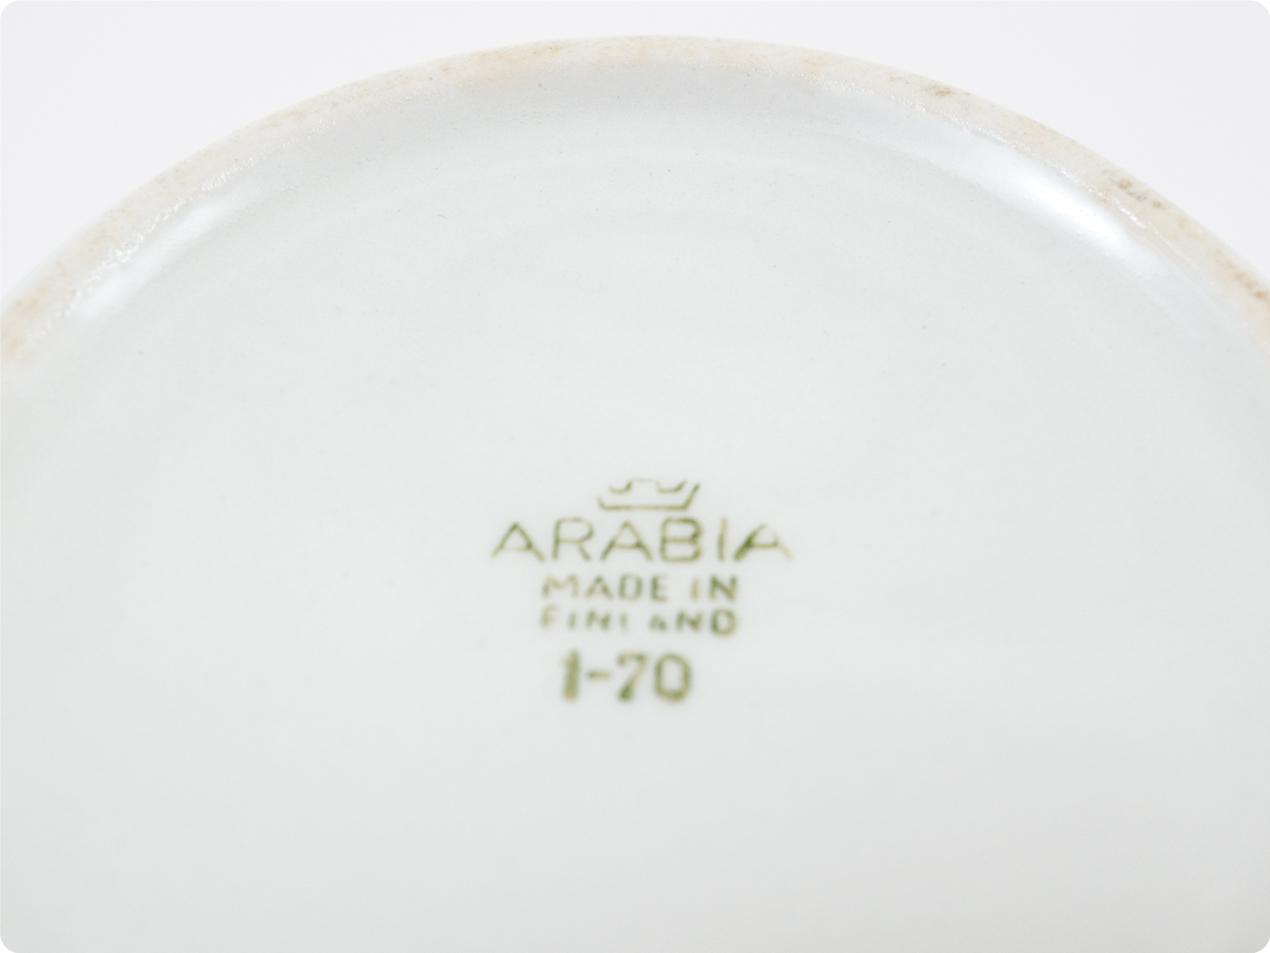 ARABIA ジャムポット ホワイト